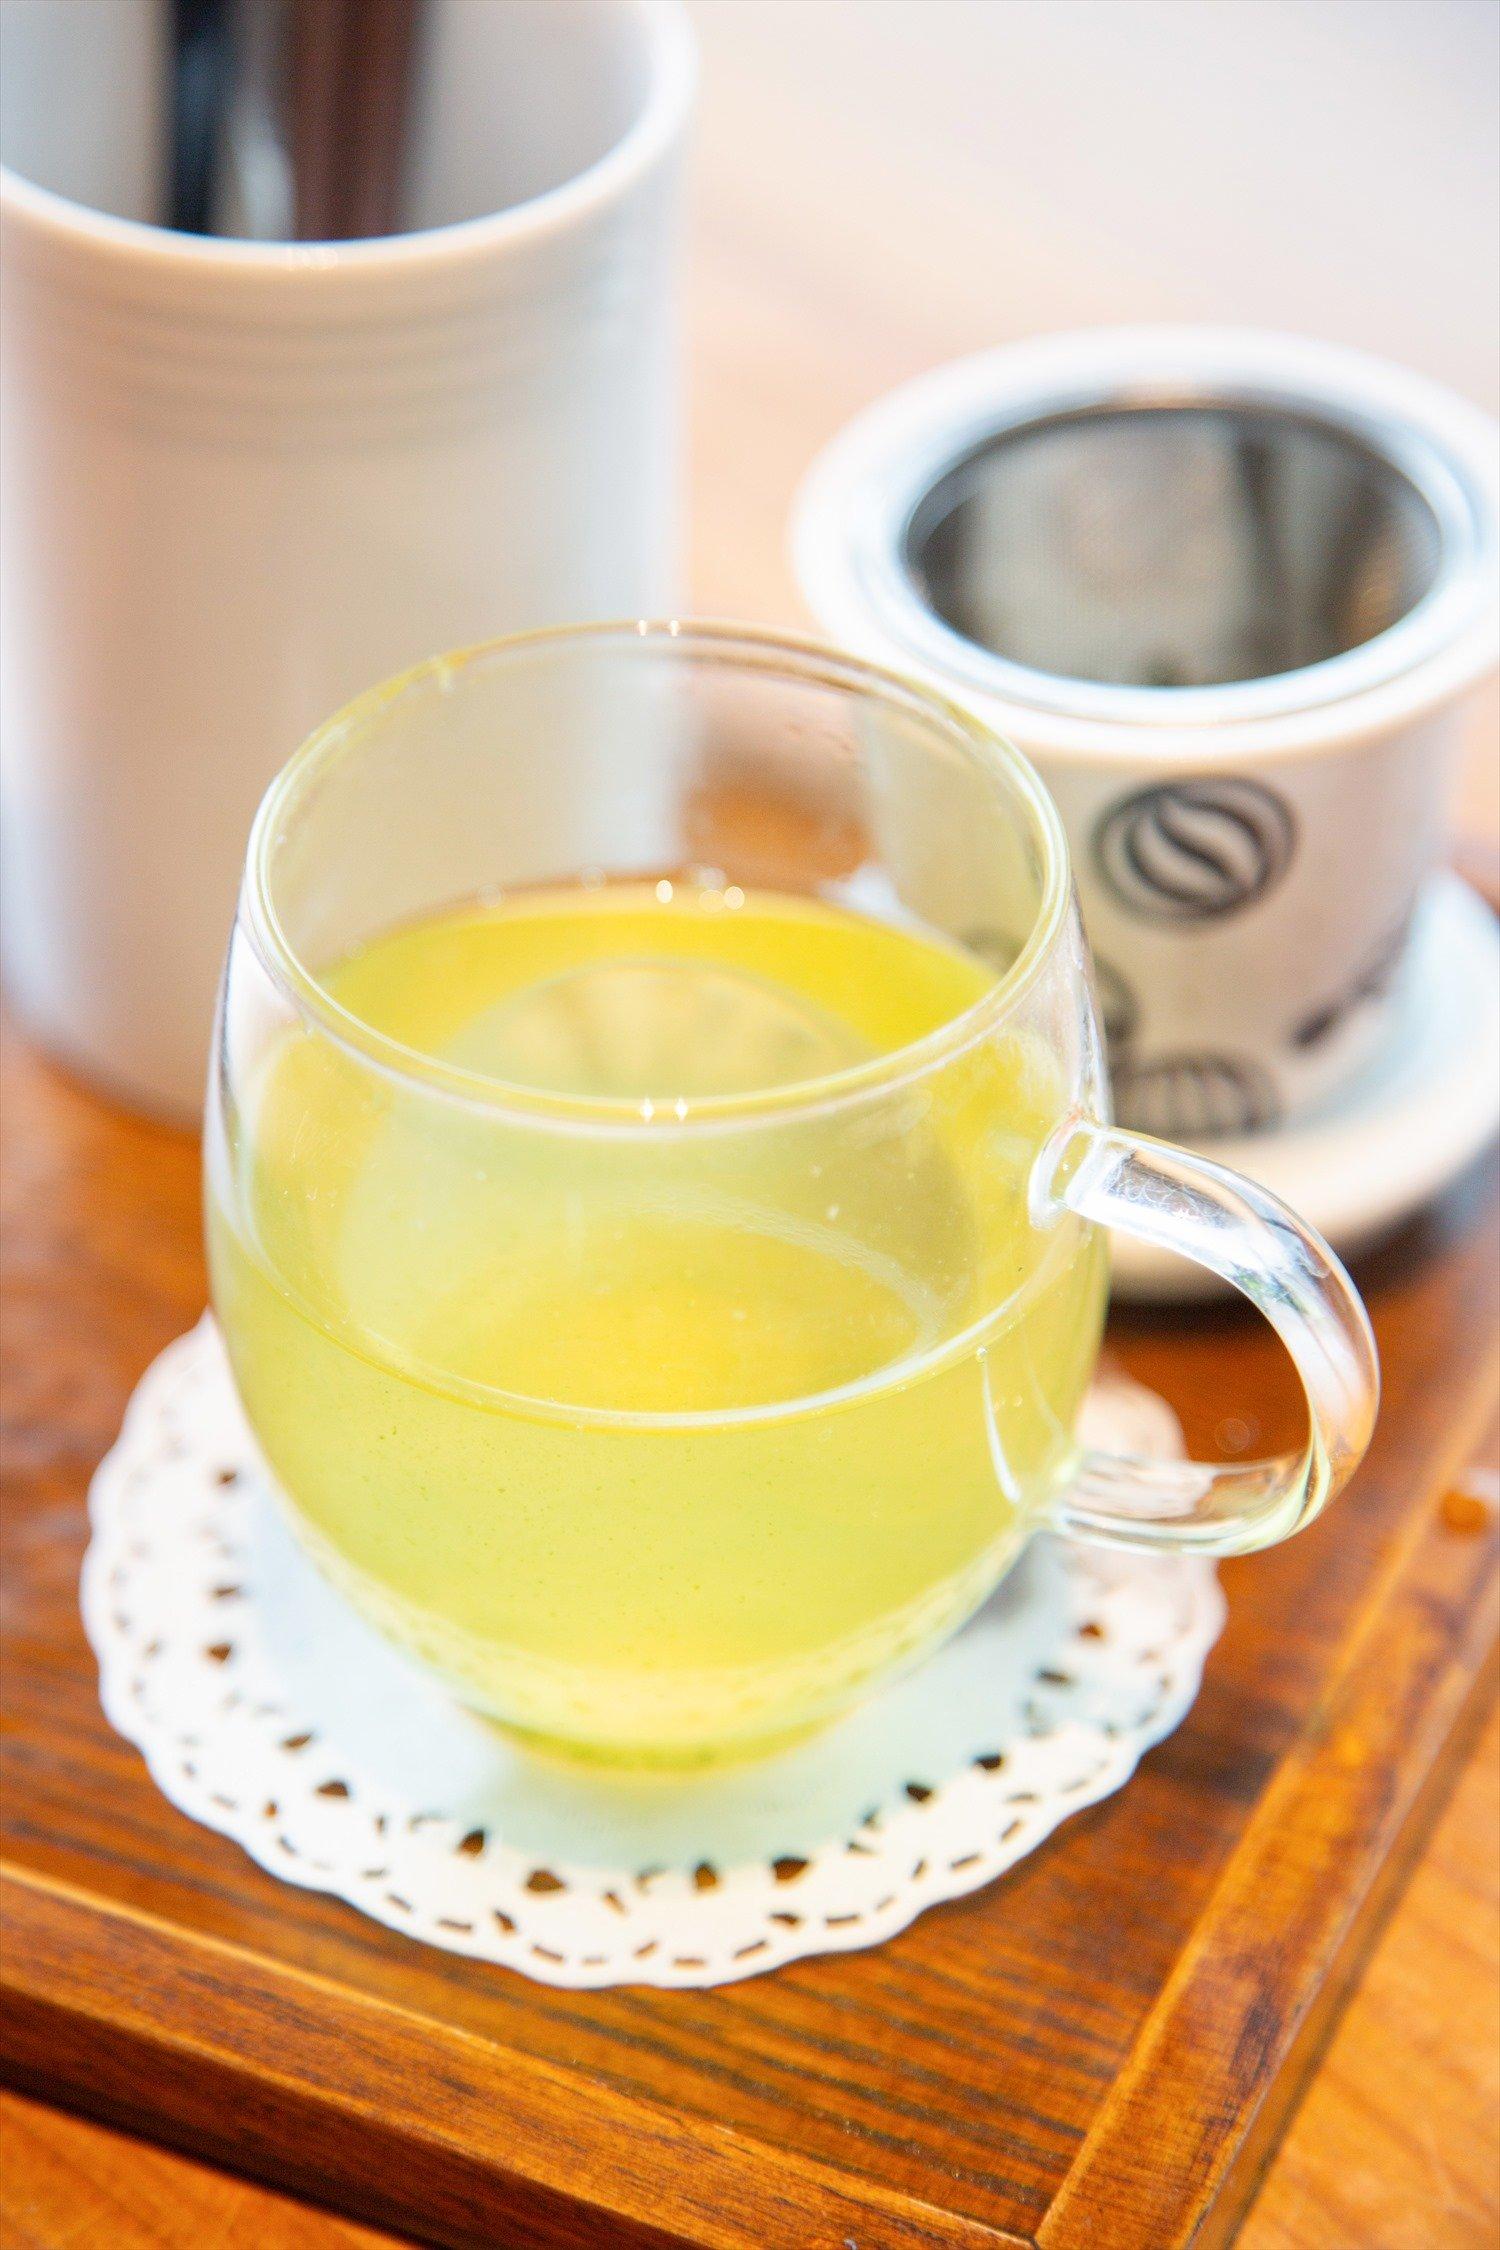 セットの日本茶は温茶か冷茶を選ぶ。